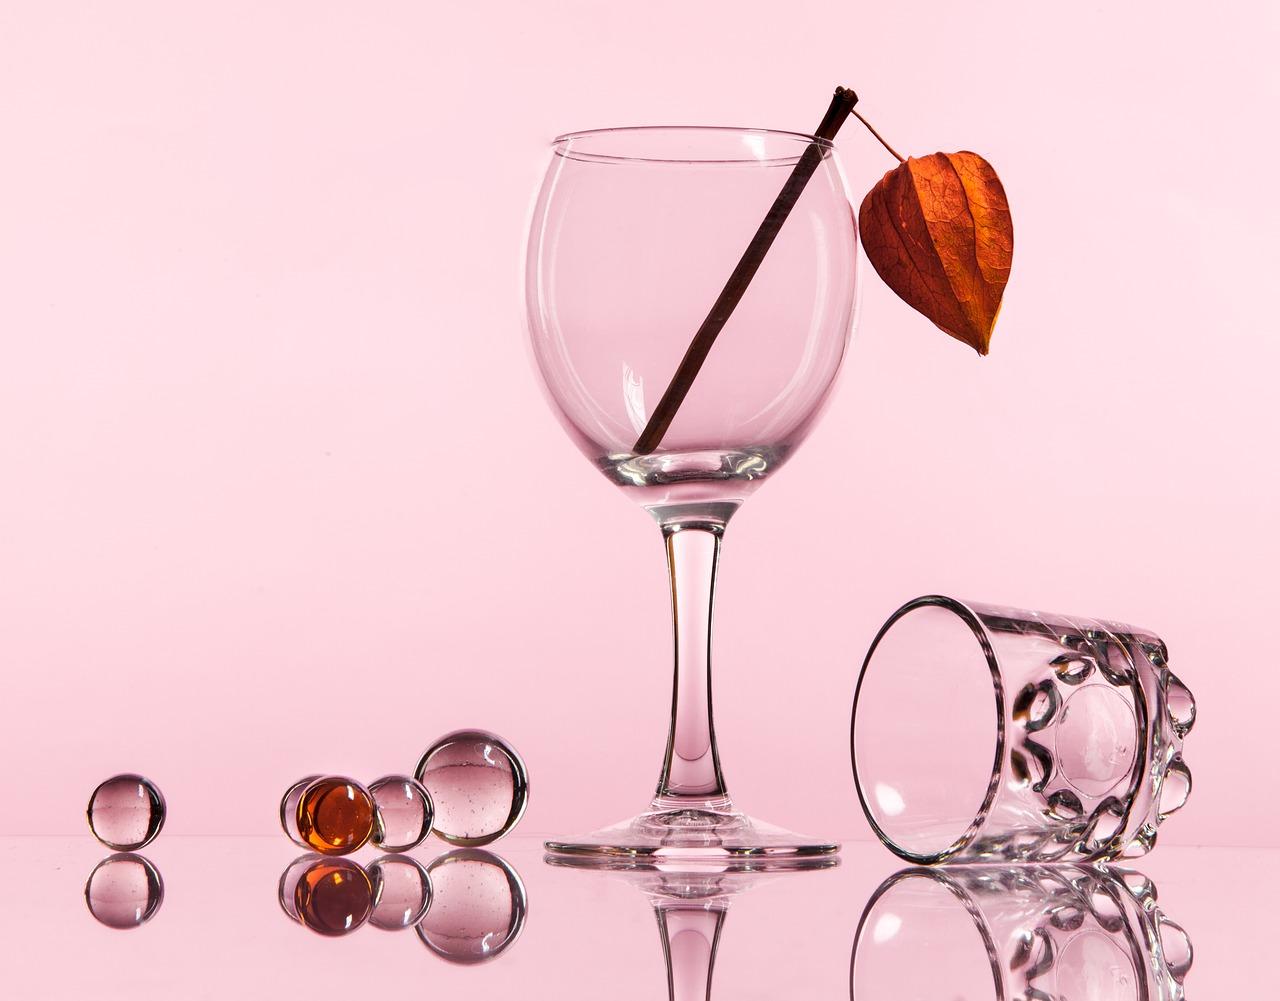 Szkło dekoracyjne do kuchni. Jakie szkło ozdobne do kuchni wybrać?